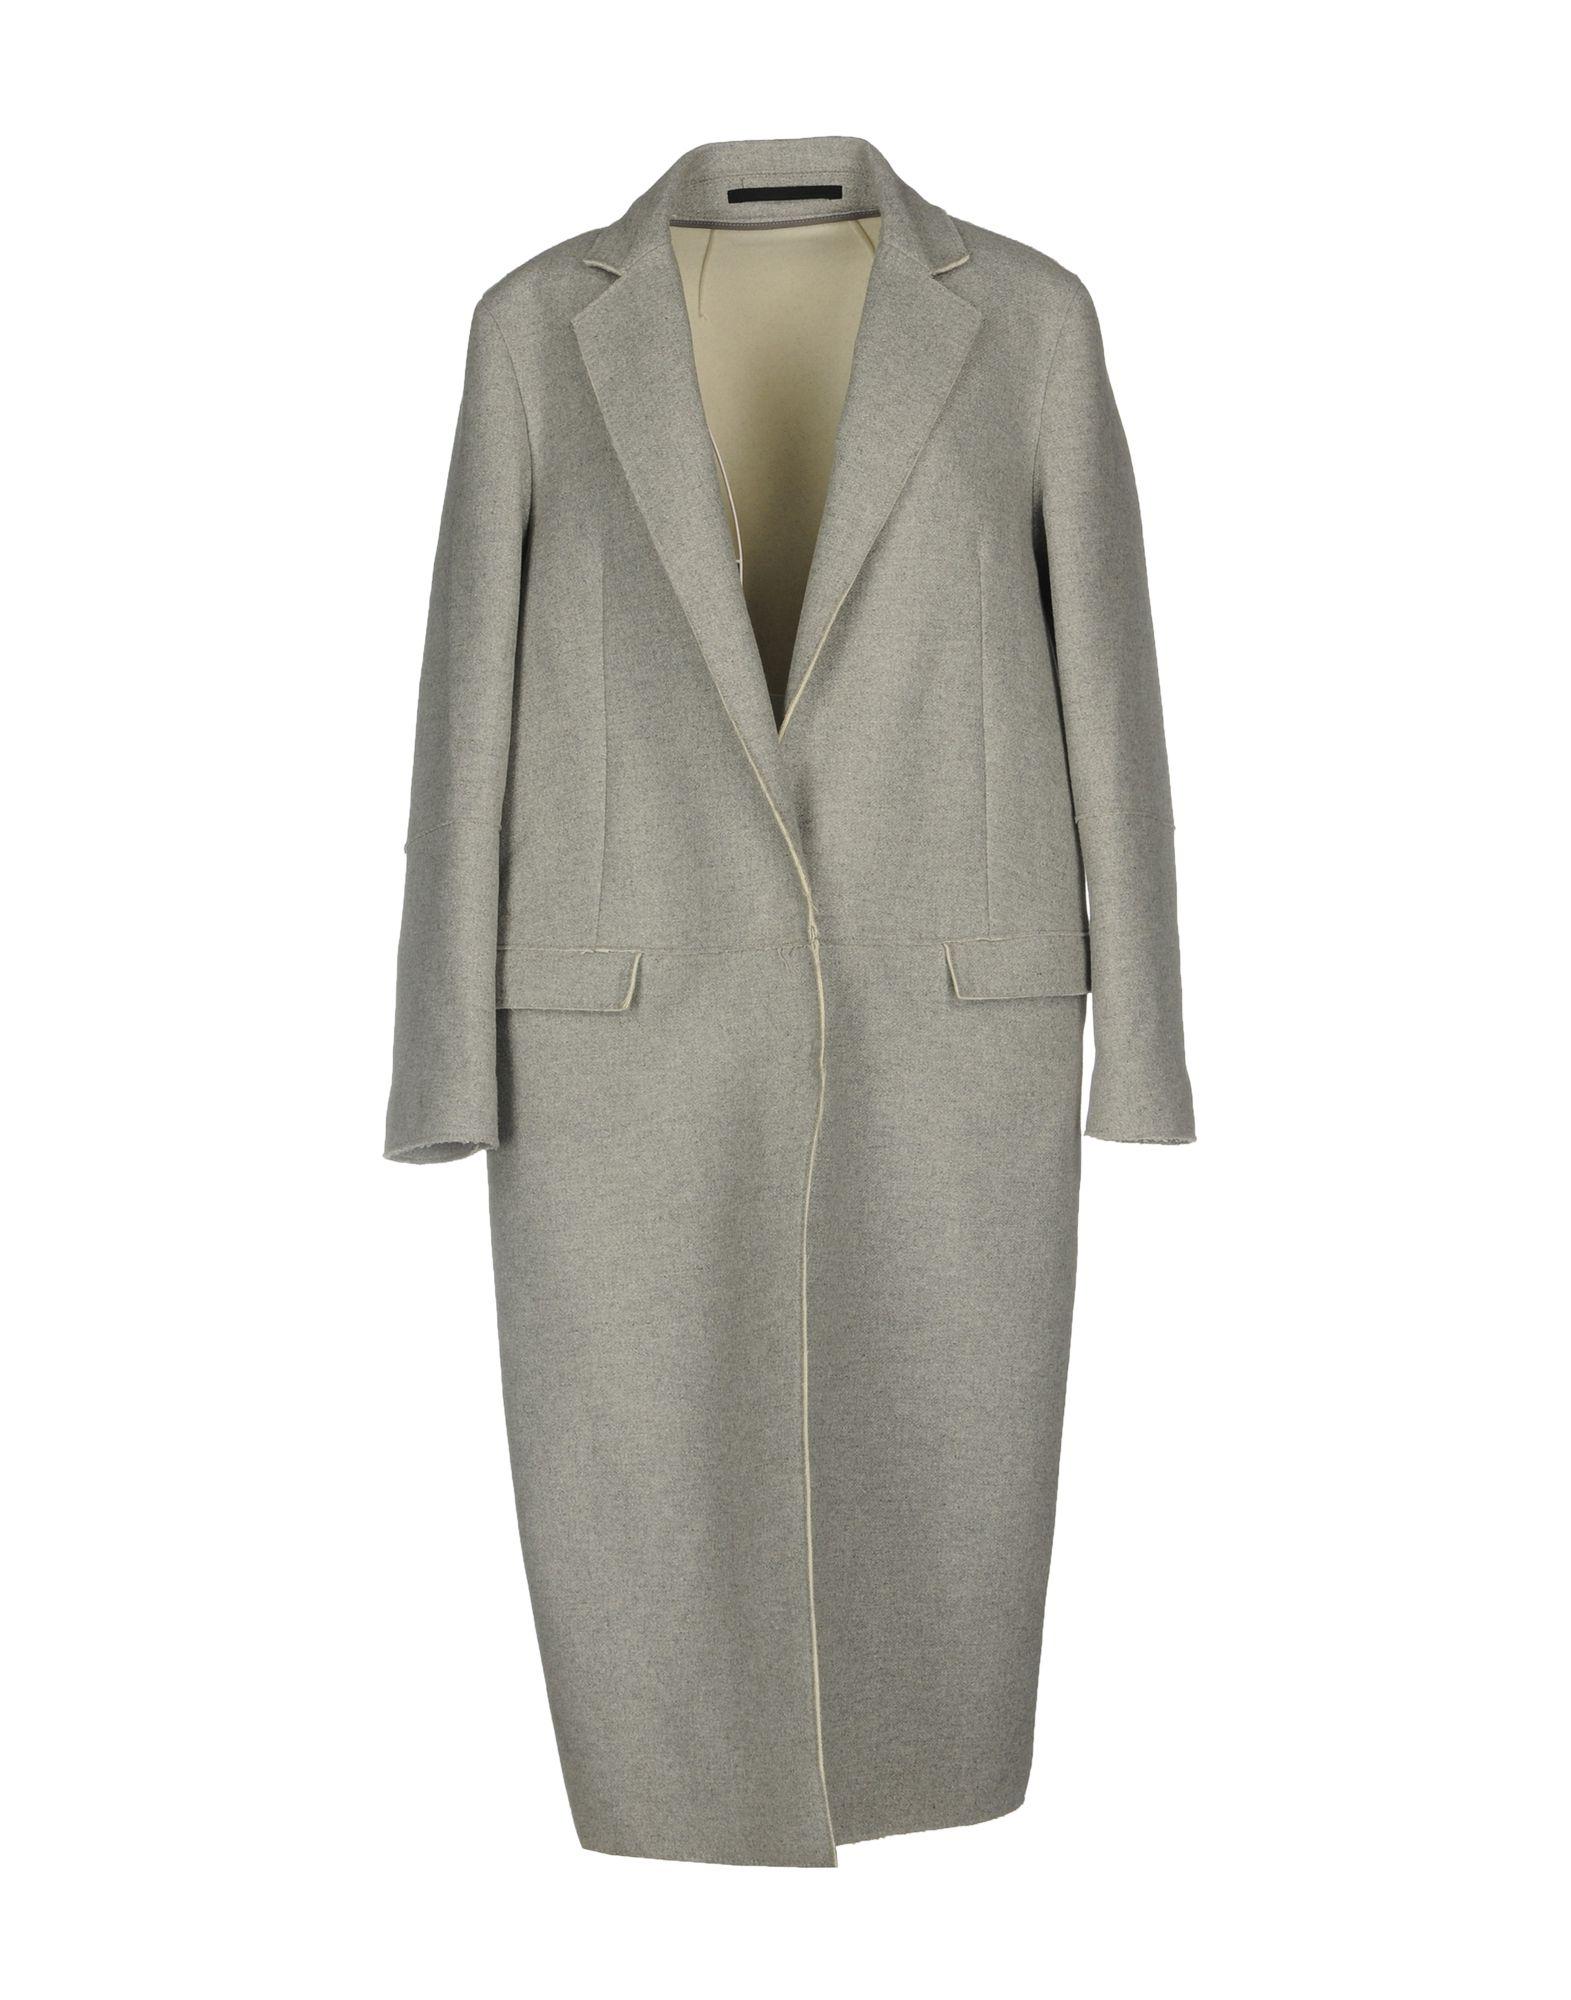 COSTUME NATIONAL Пальто драповое пальто с контрастной отстрочкой c n c costume national пальто в стиле куртки